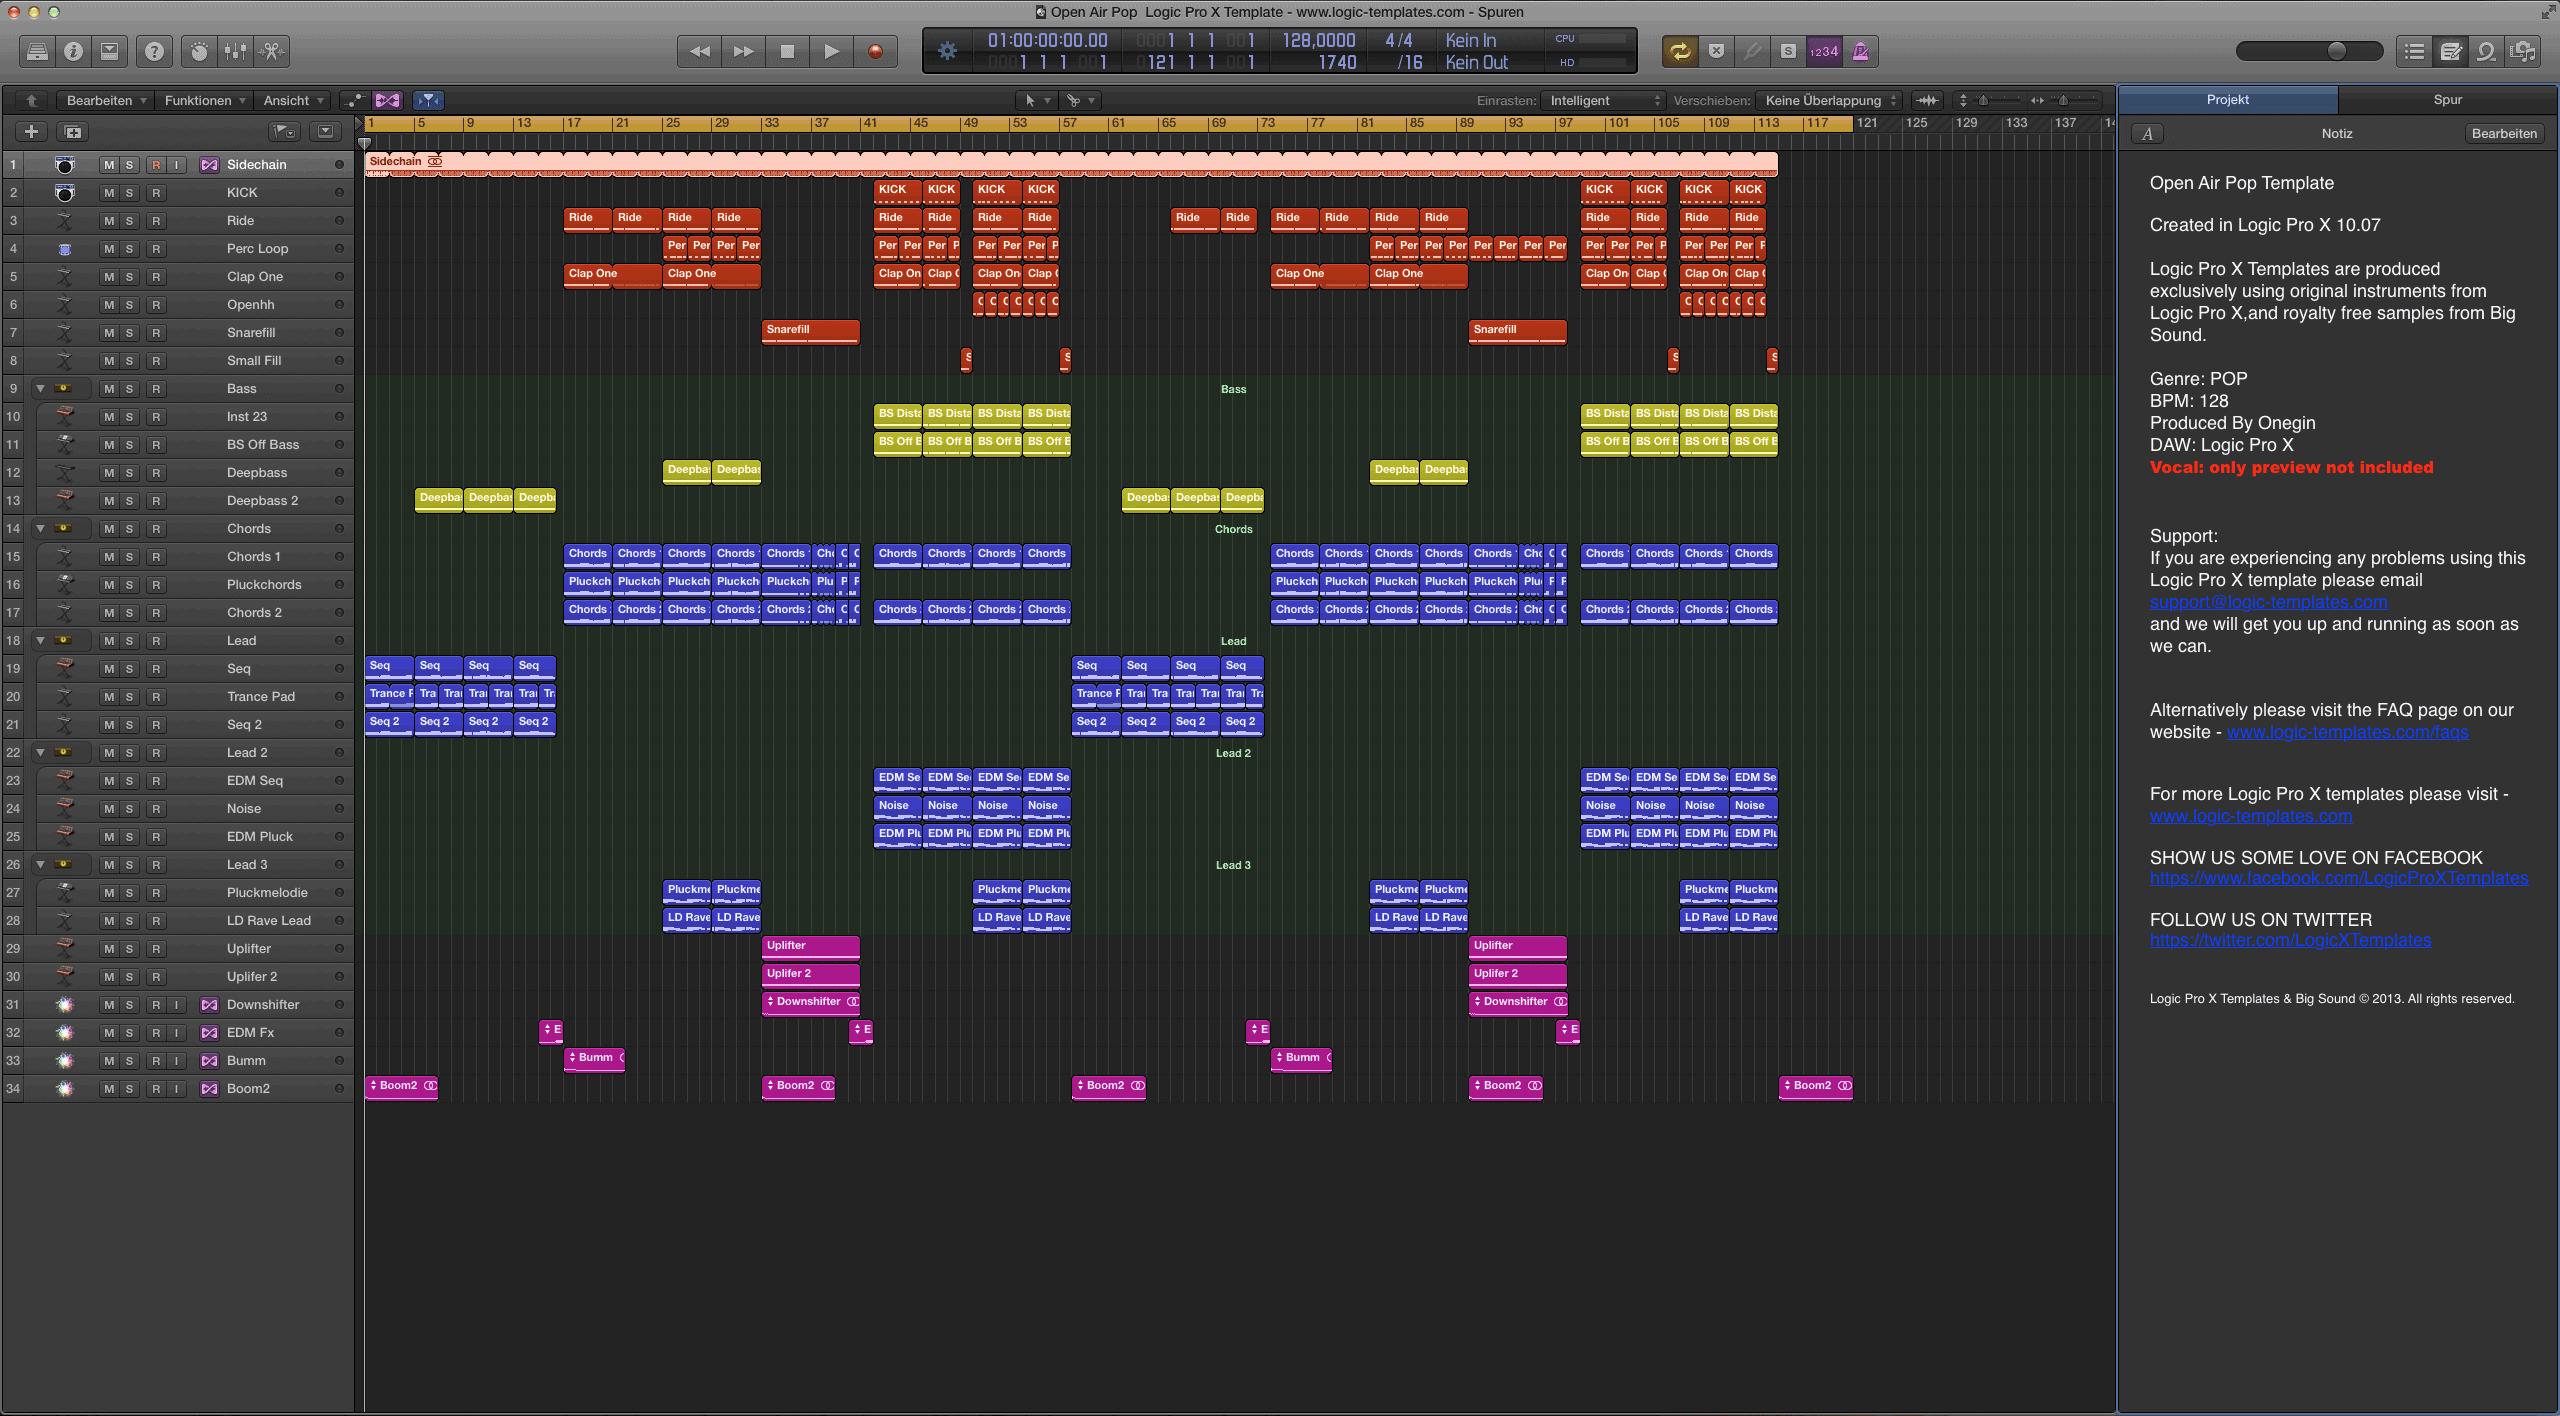 Open Air Pop Logic X Template